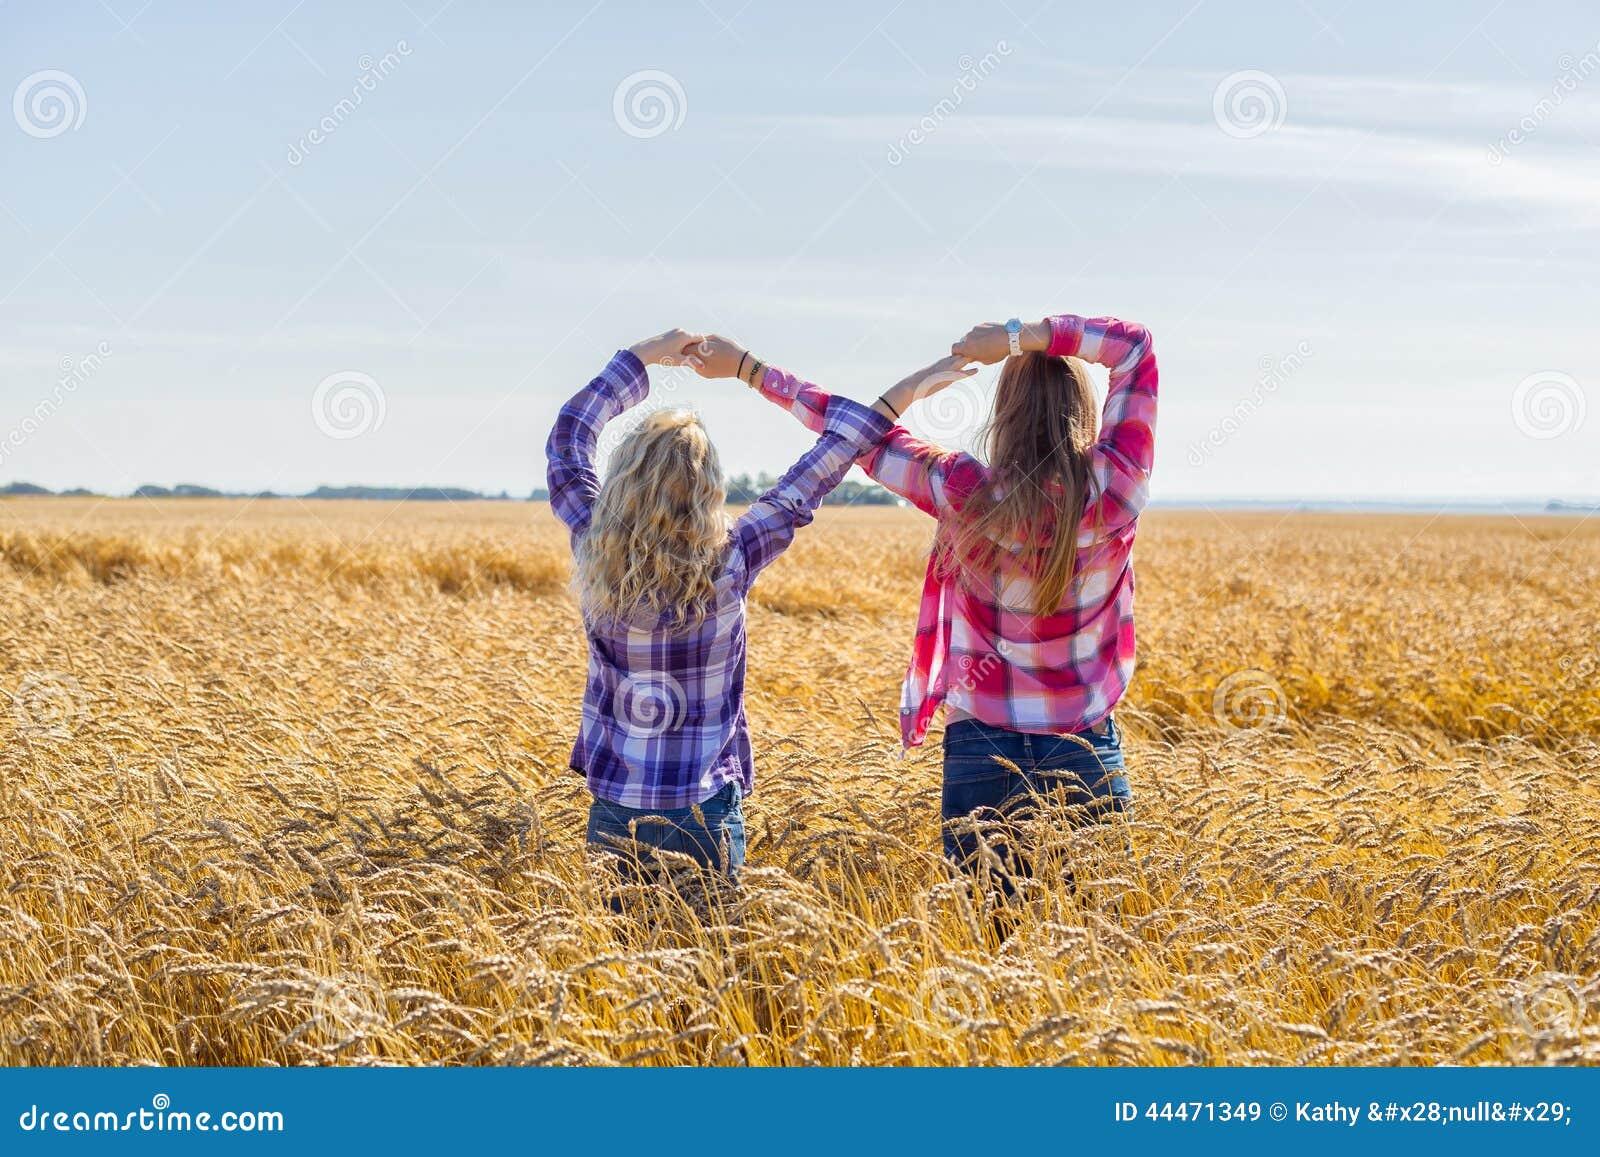 Deux adolescentes faisant le signe d 39 infini photo stock image 44471349 - Le signe de l infini ...